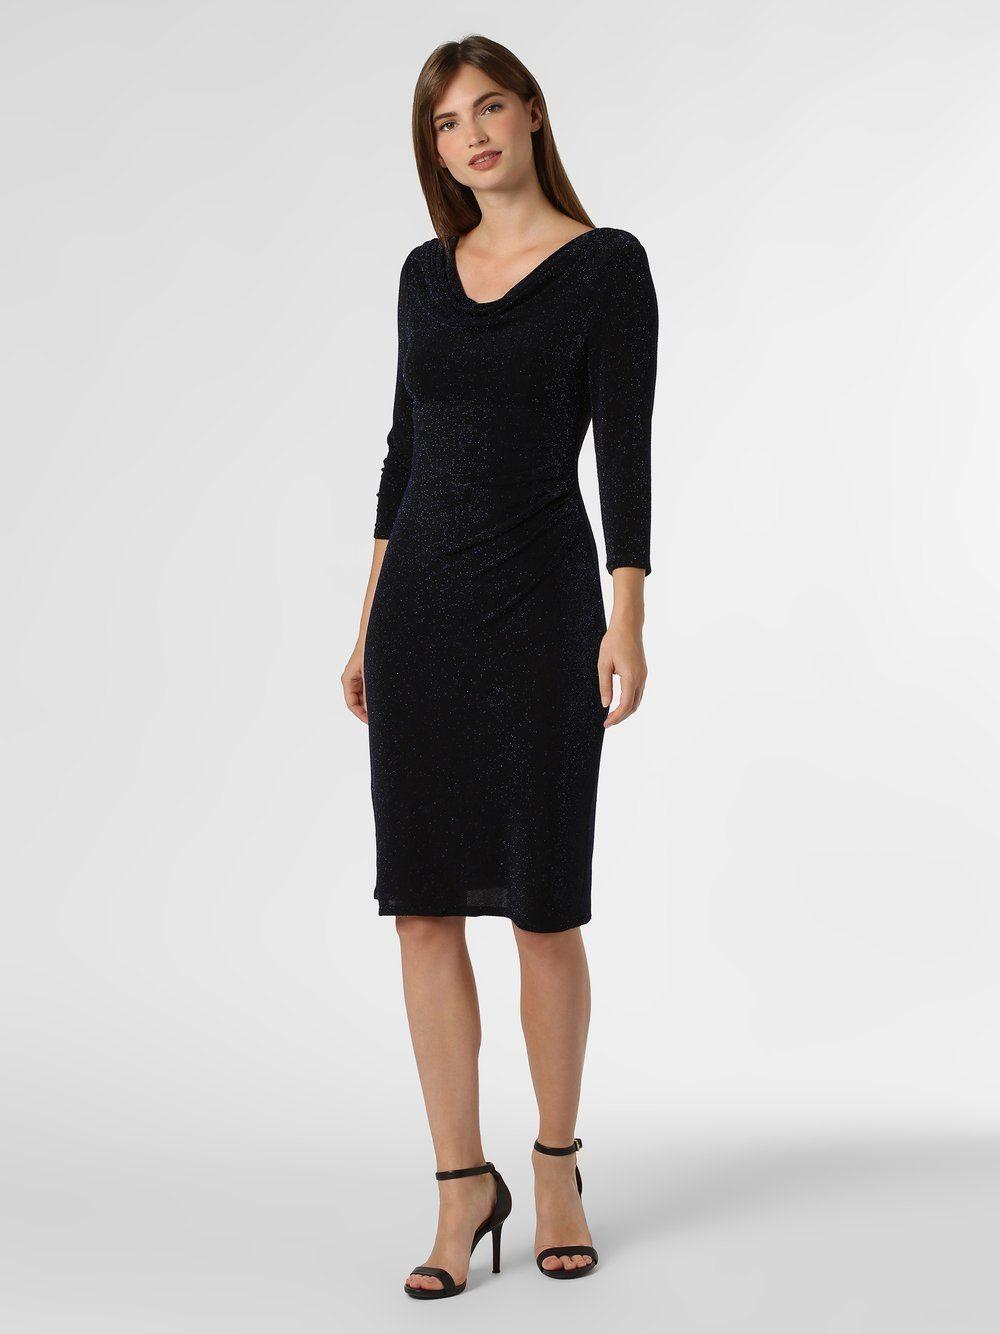 Damen Abendkleid  Kleider, Abendkleid und Kleider online kaufen